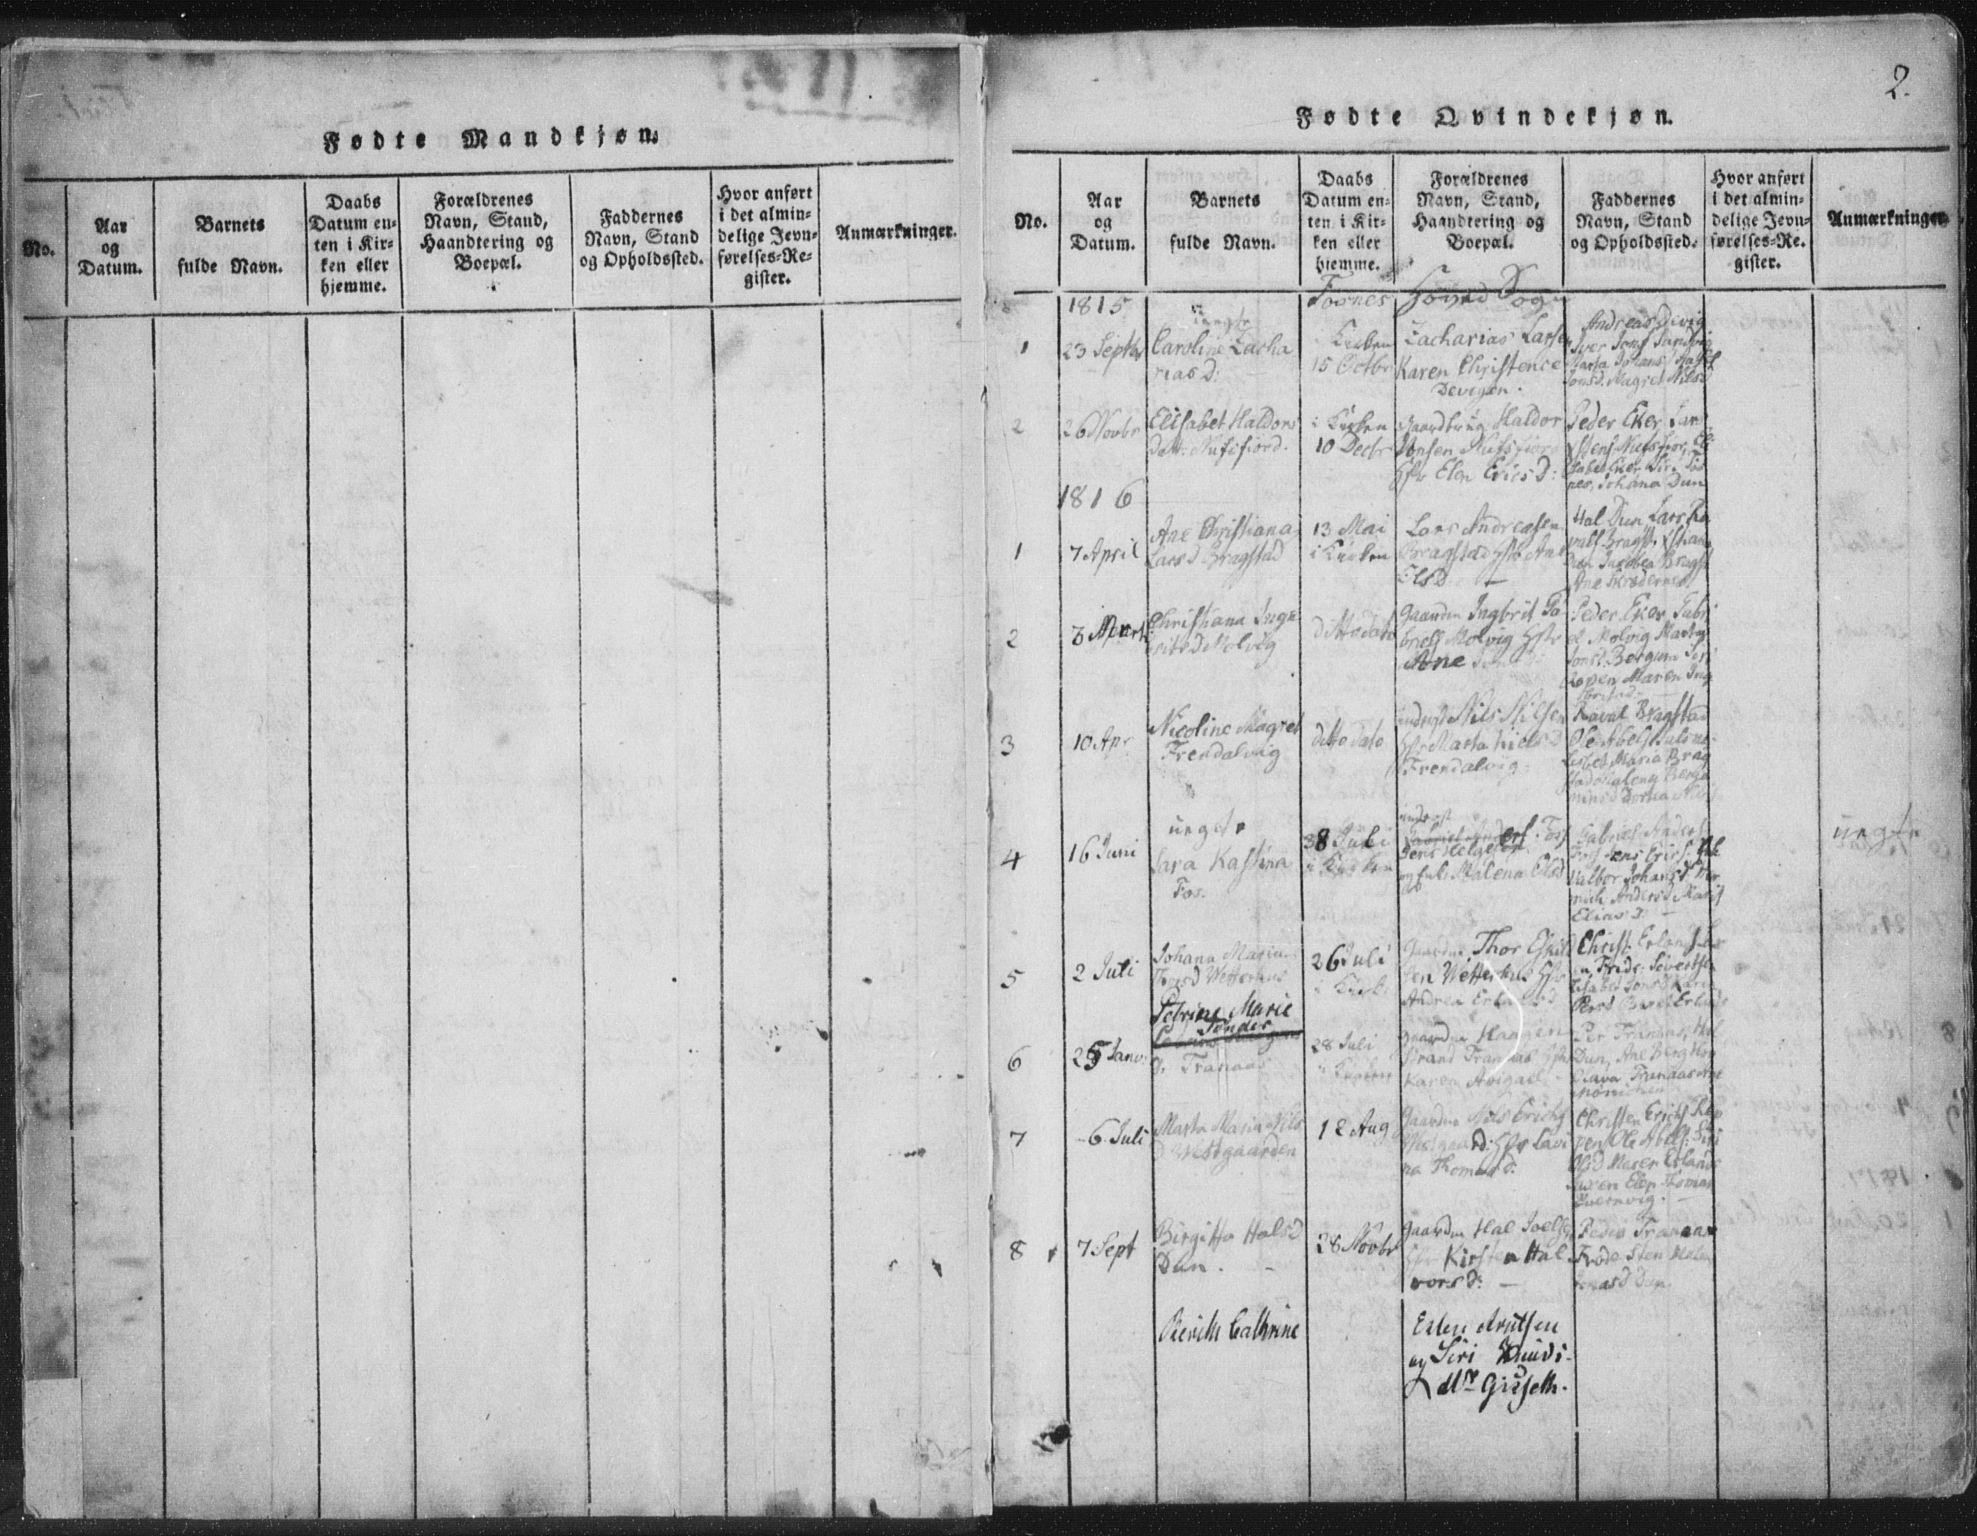 SAT, Ministerialprotokoller, klokkerbøker og fødselsregistre - Nord-Trøndelag, 773/L0609: Ministerialbok nr. 773A03 /1, 1815-1830, s. 2